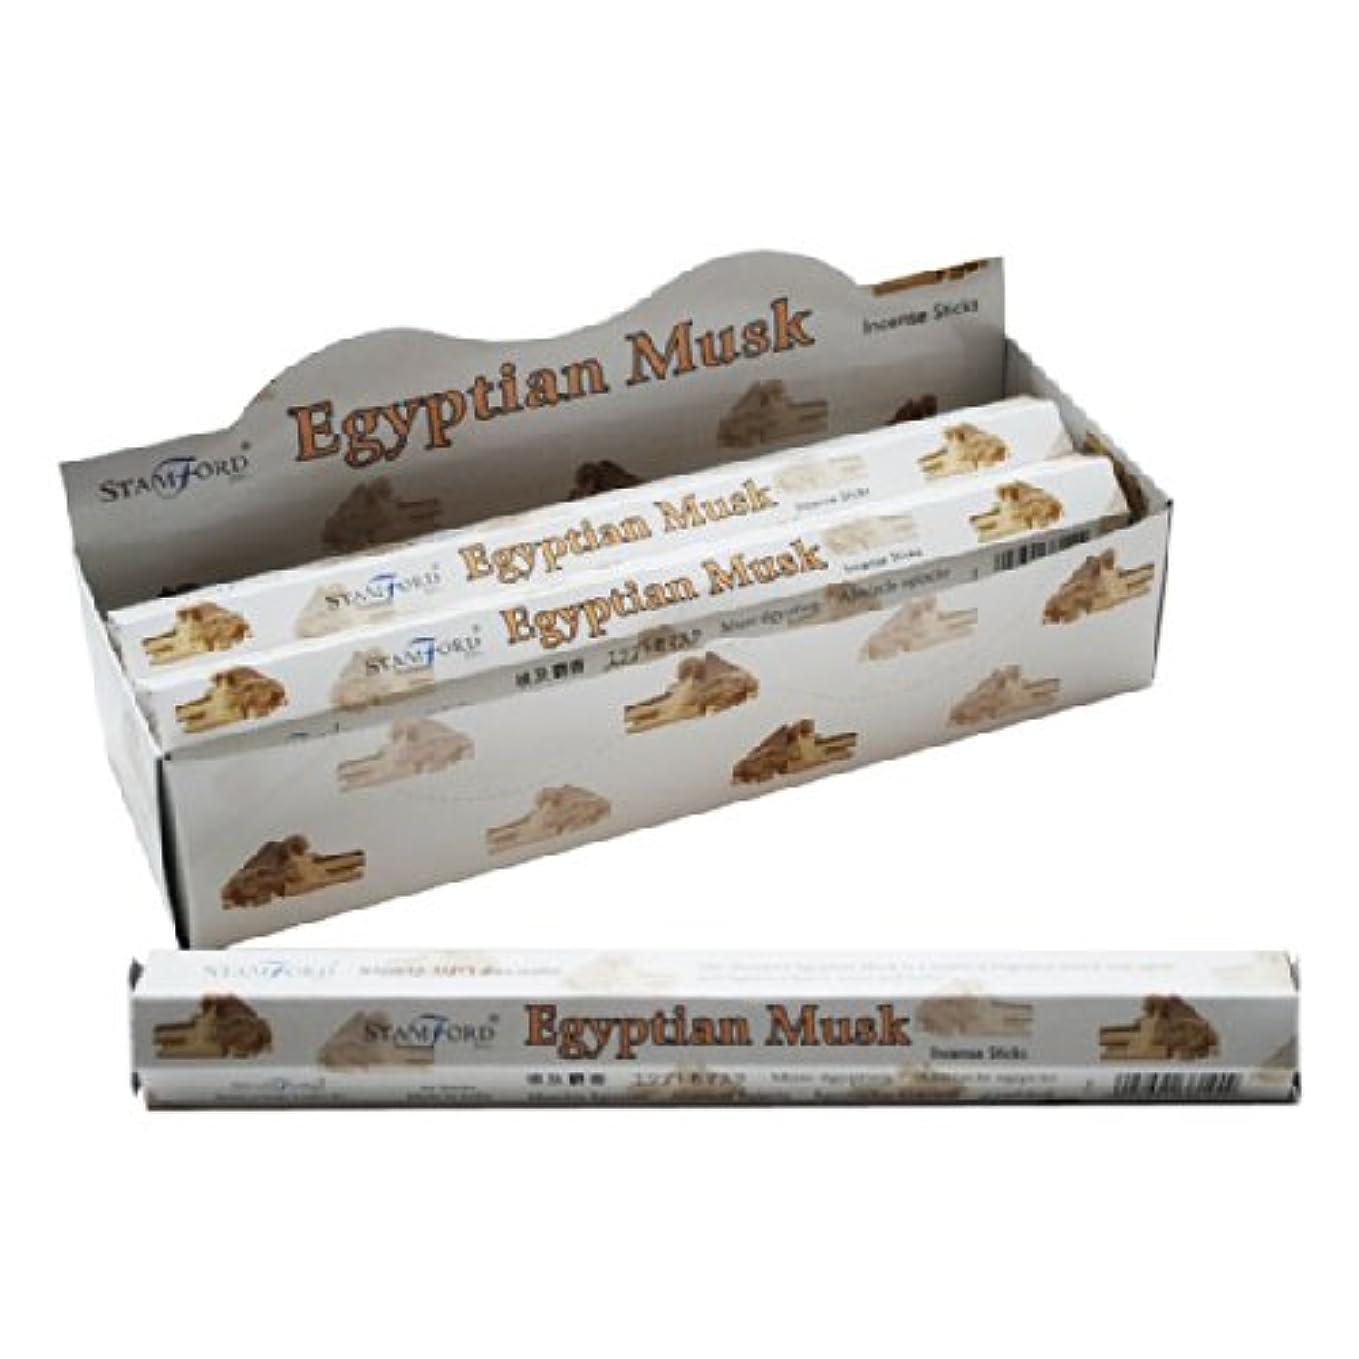 混合証人カーテン6 Packs Of Elements Egyptian Musk Incense Sticks